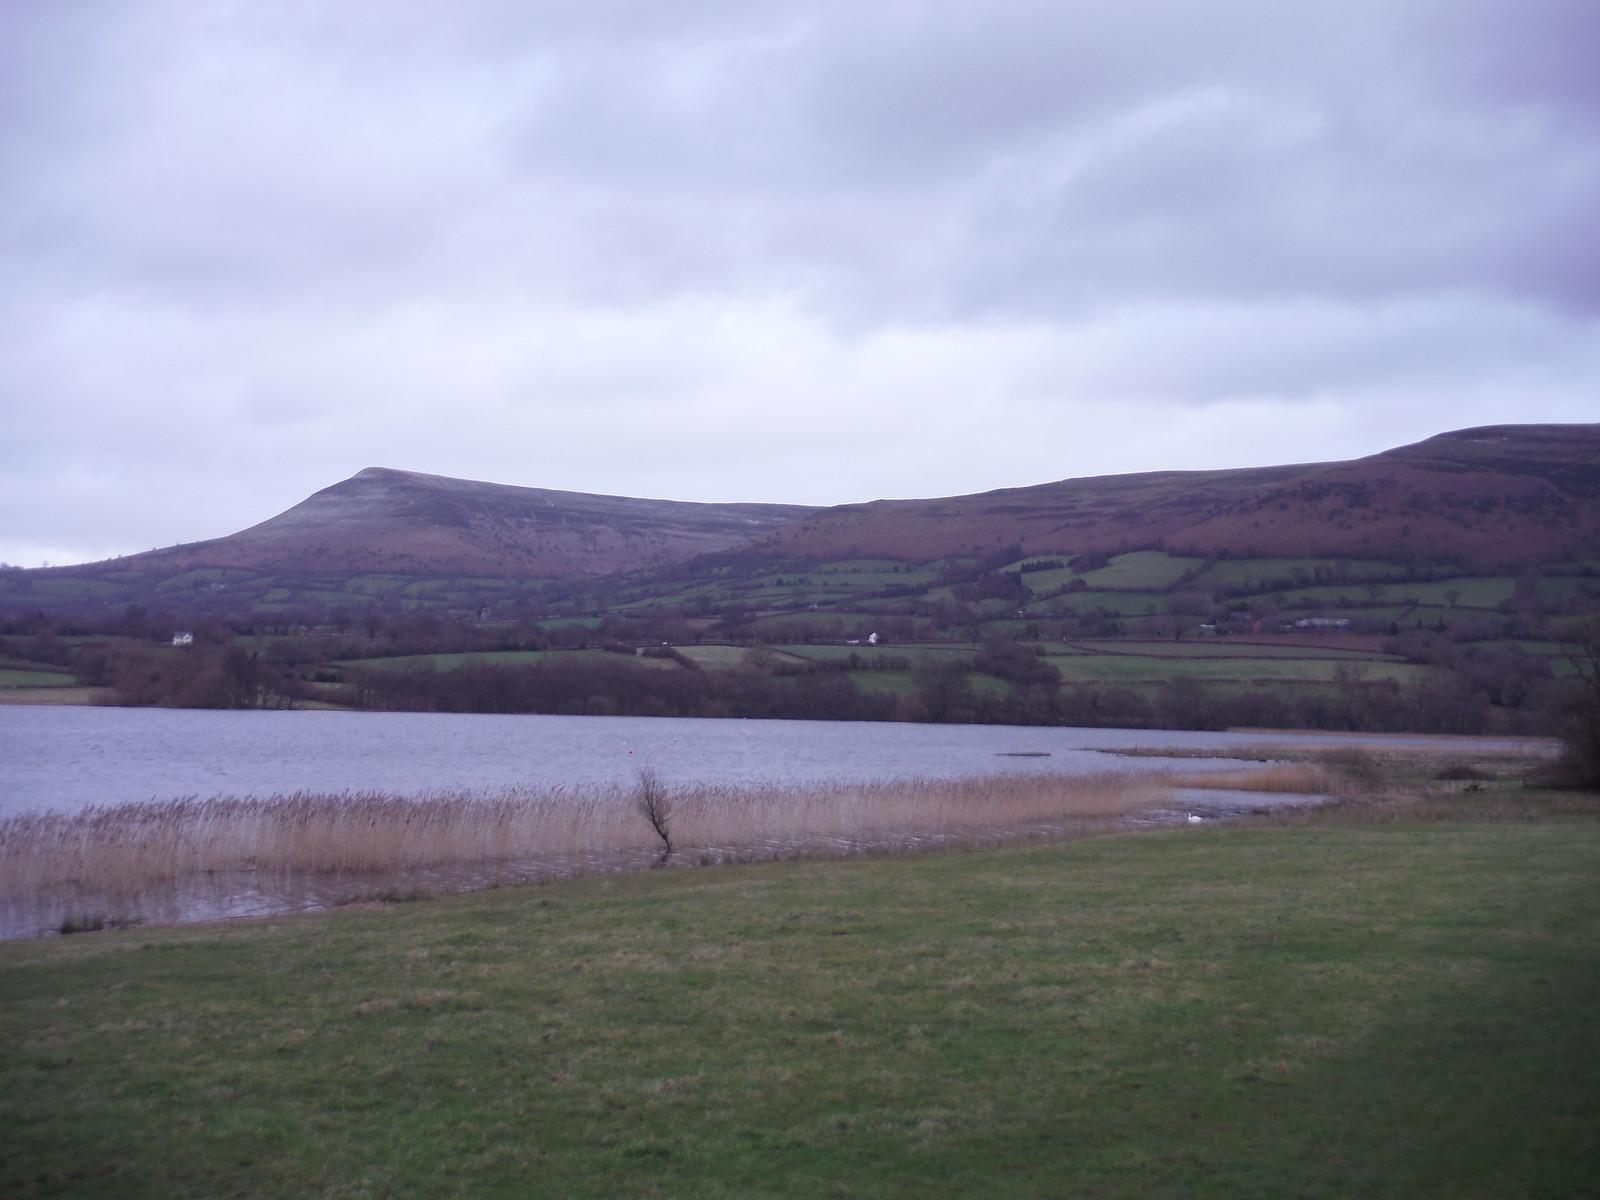 Mynydd Troed and Llangorse Lake from Llangasty-Talyllyn SWC Walk 308 - Bwlch Circular (via Mynydd Troed and Llangorse Lake)